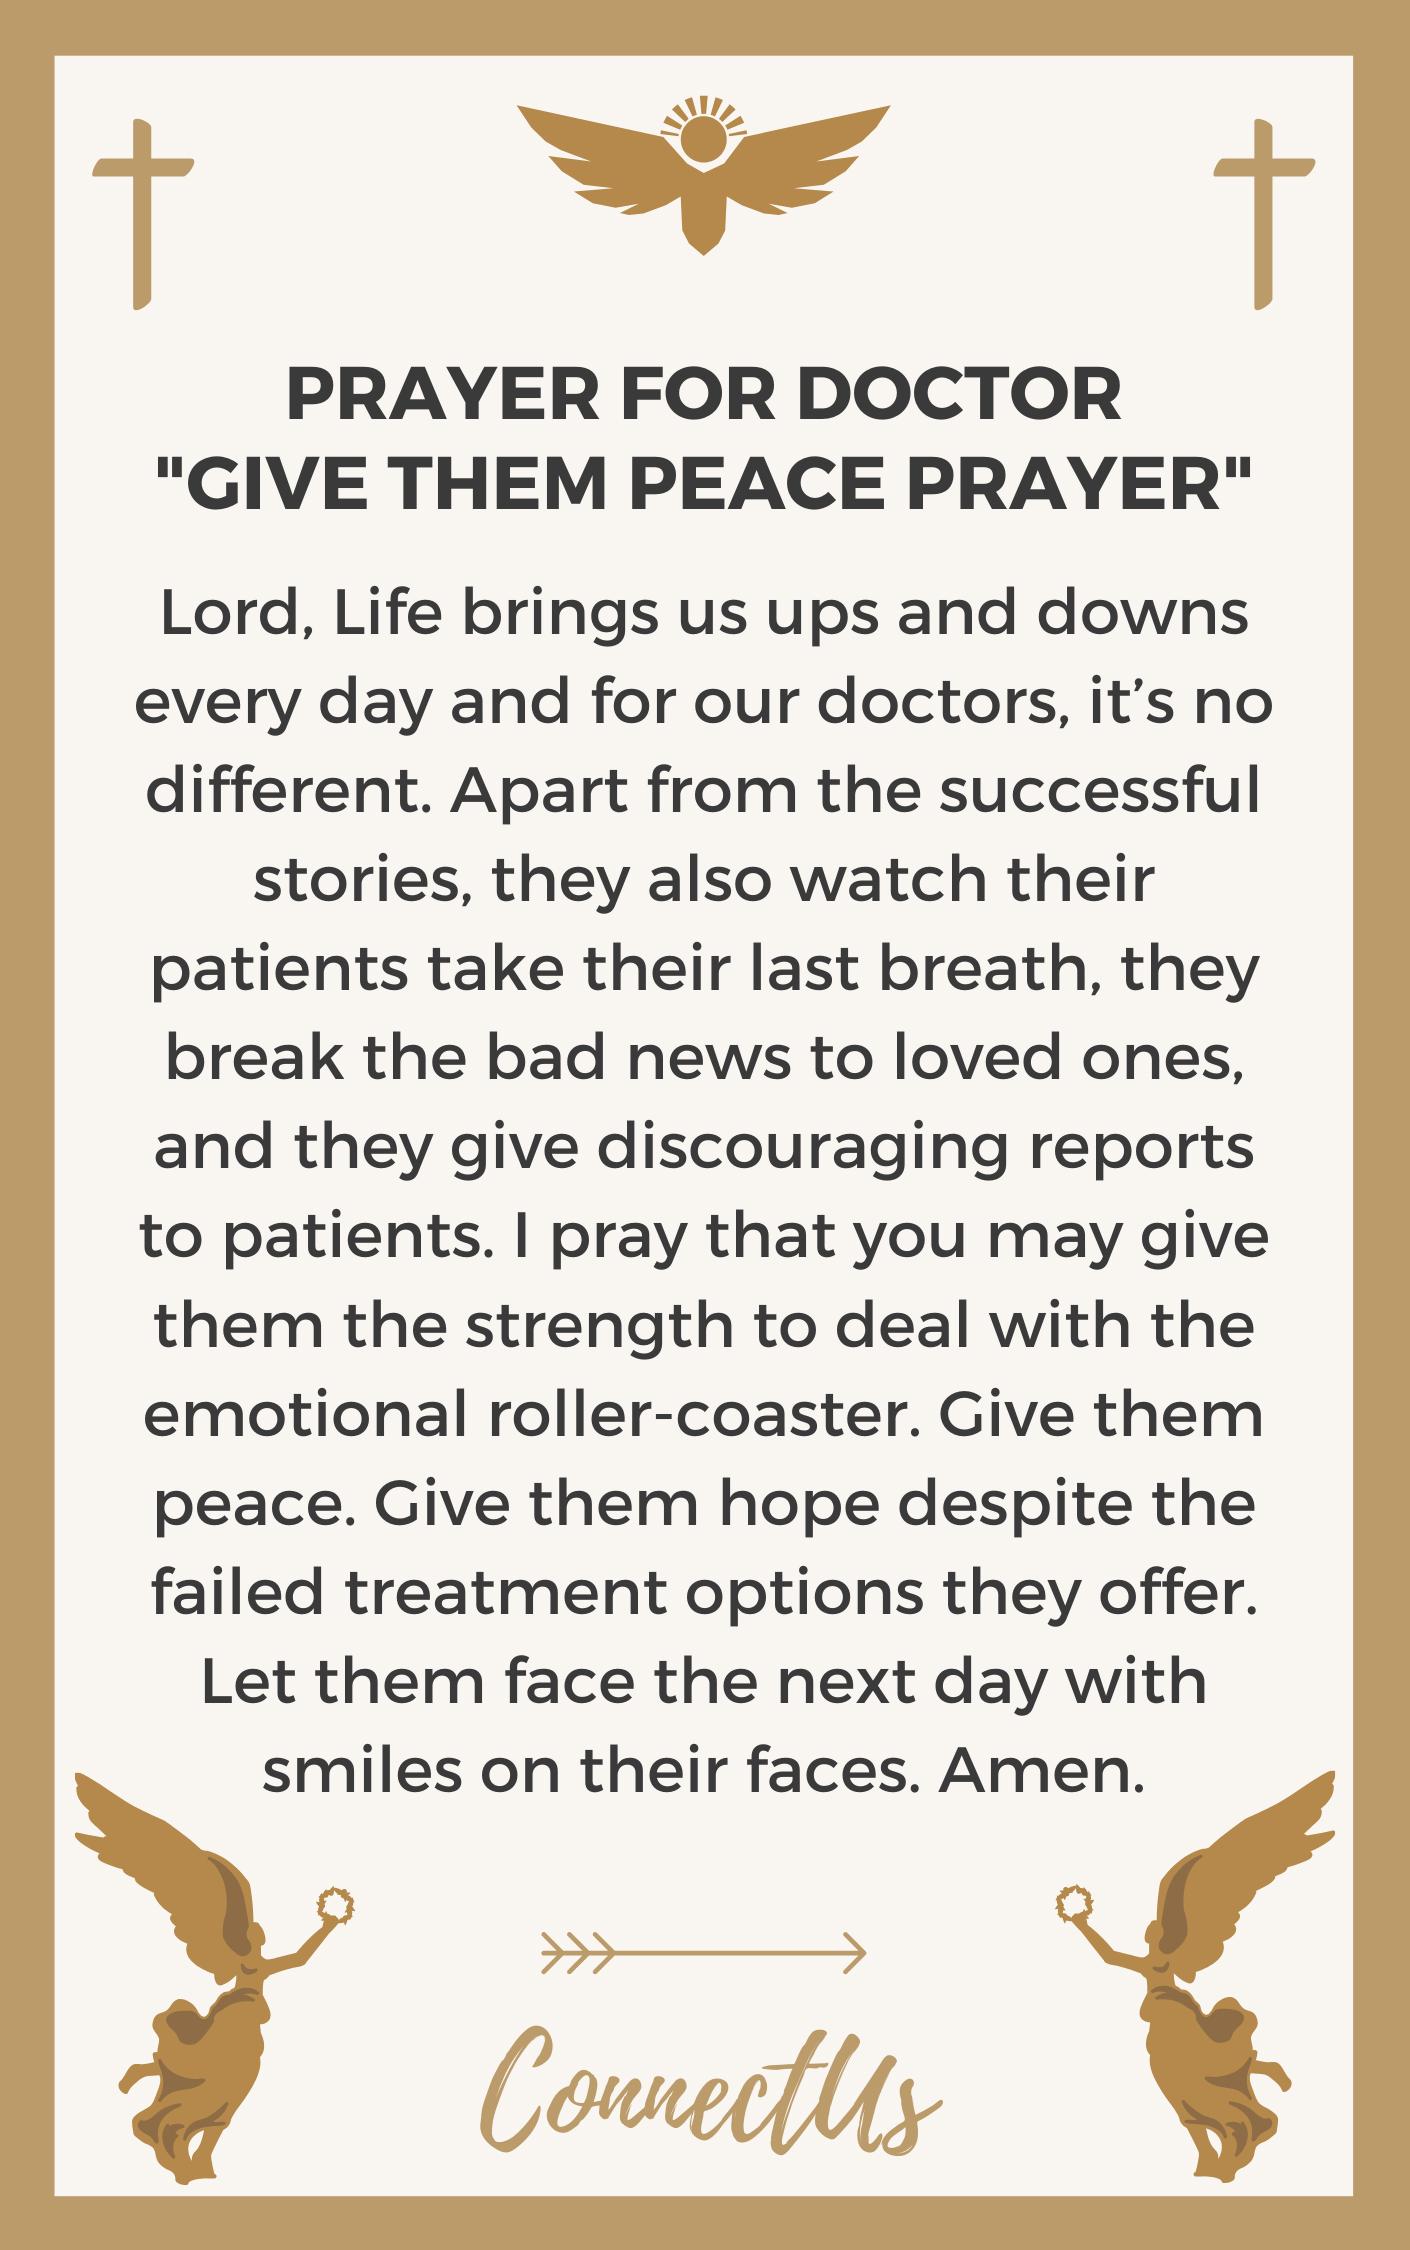 Prayer-for-Doctor-4